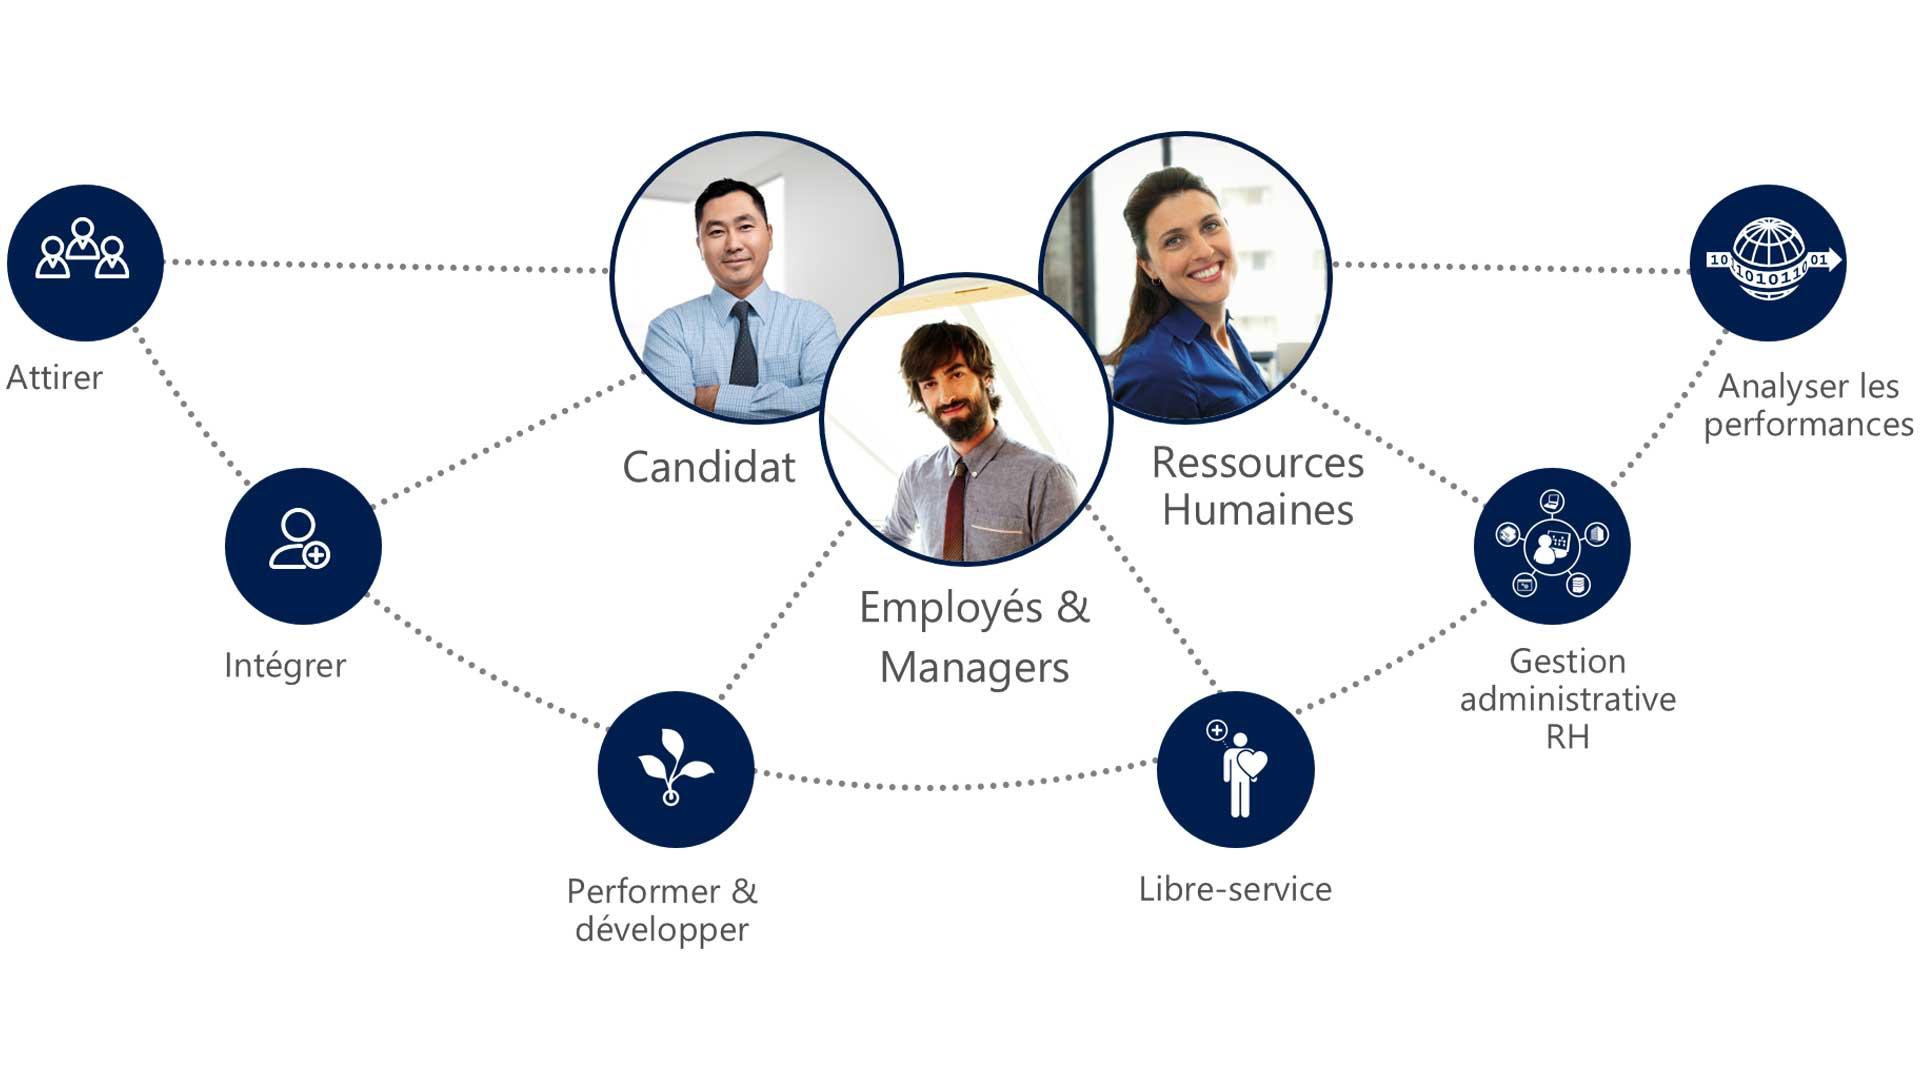 Microsoft Dynamics 365 Talent